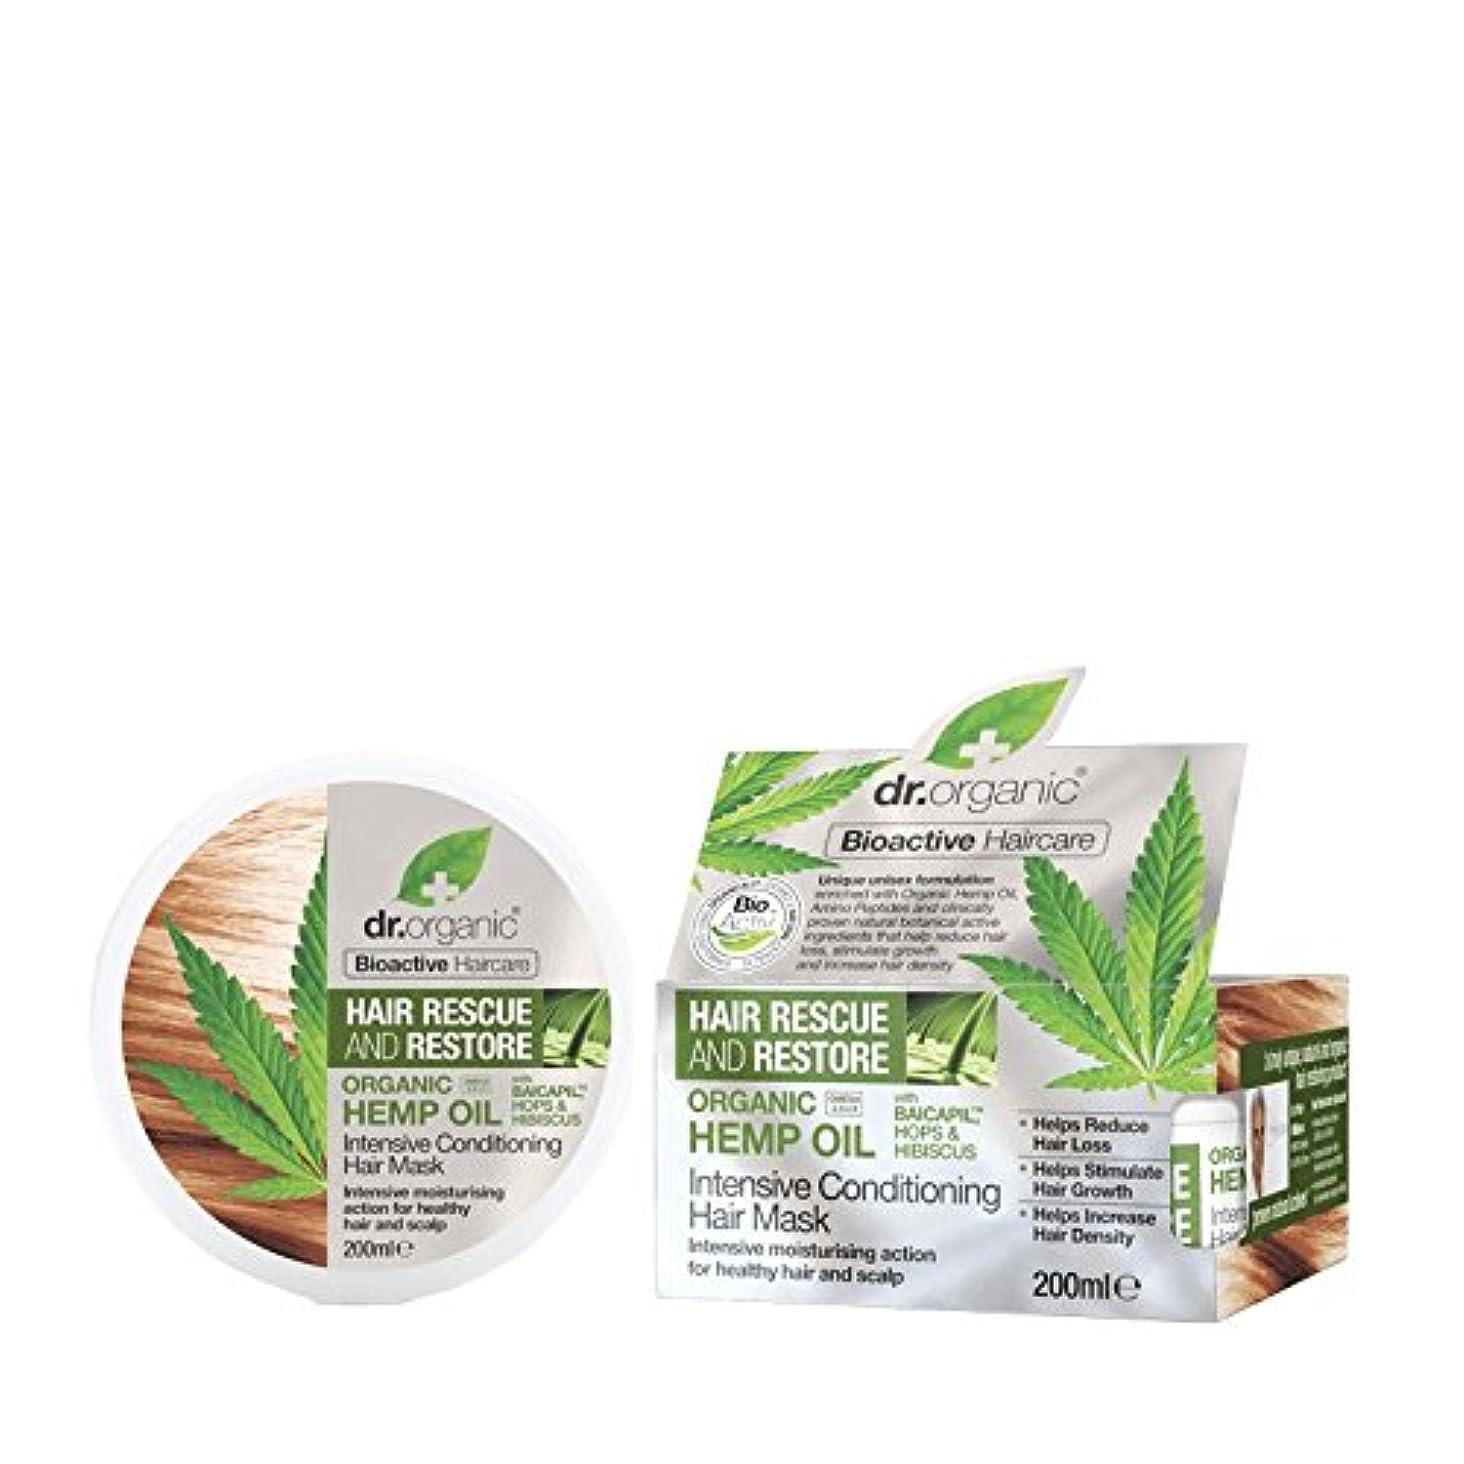 遺伝的平方ファンドDr有機大麻油の集中コンディショナー200ミリリットル - Dr Organic Hemp Oil Intensive Conditioner 200ml (Dr Organic) [並行輸入品]